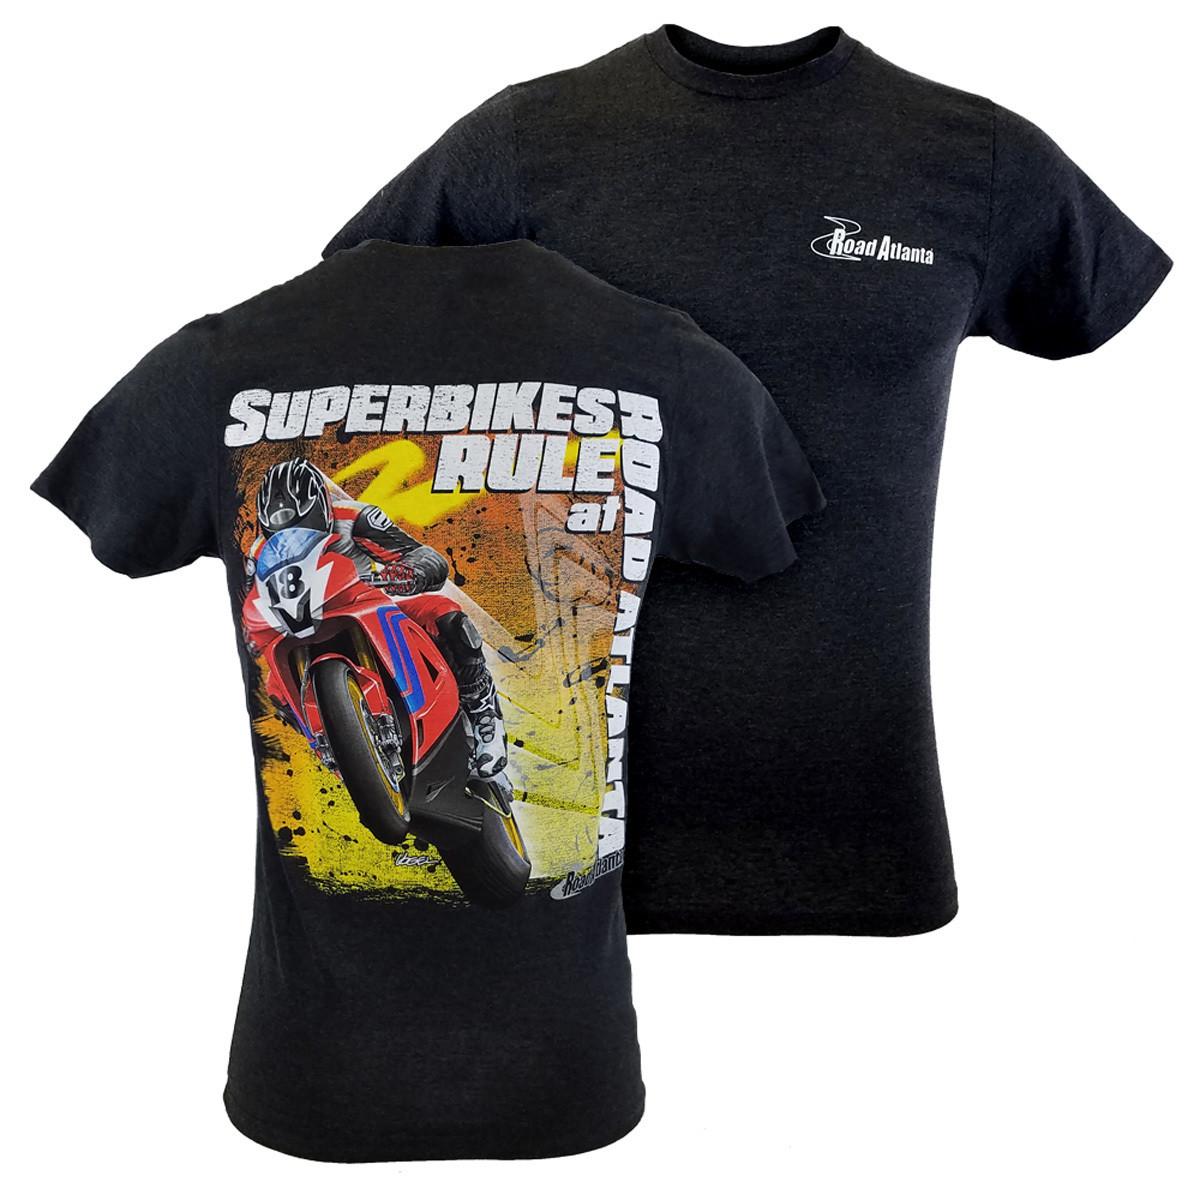 Superbikes Rule at RA Tee